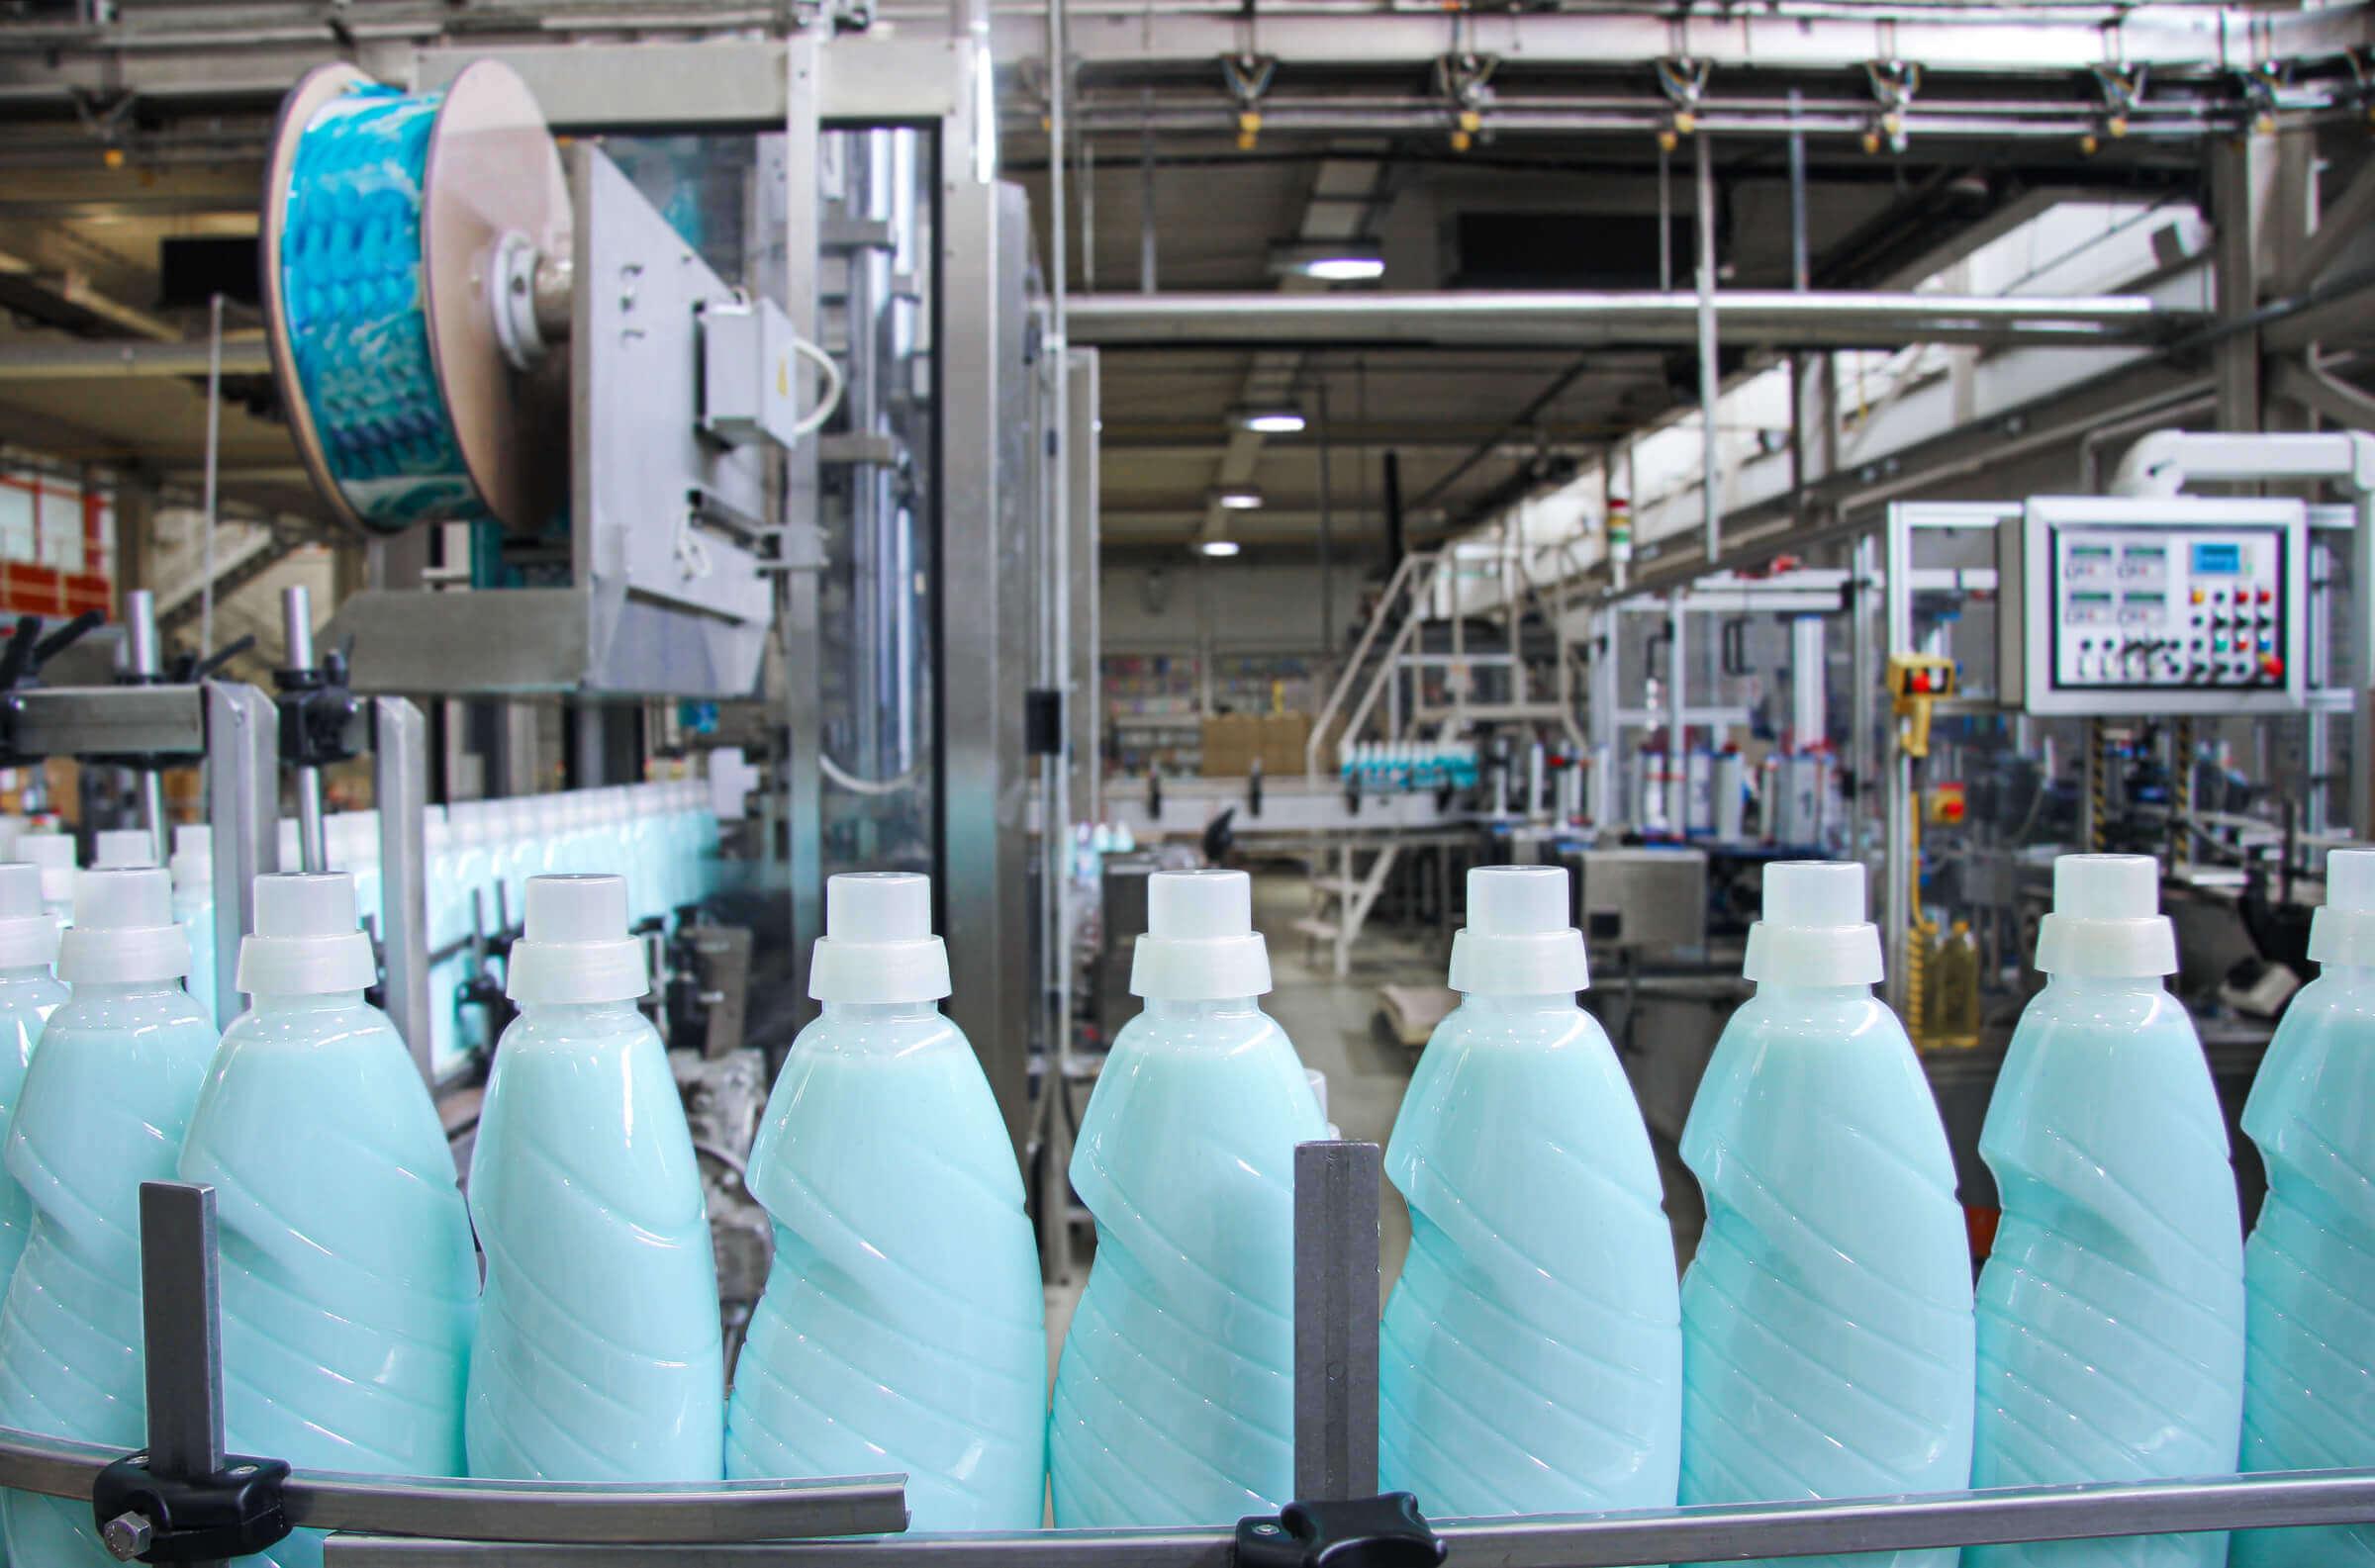 Waschmittel Behälter Abfüllung